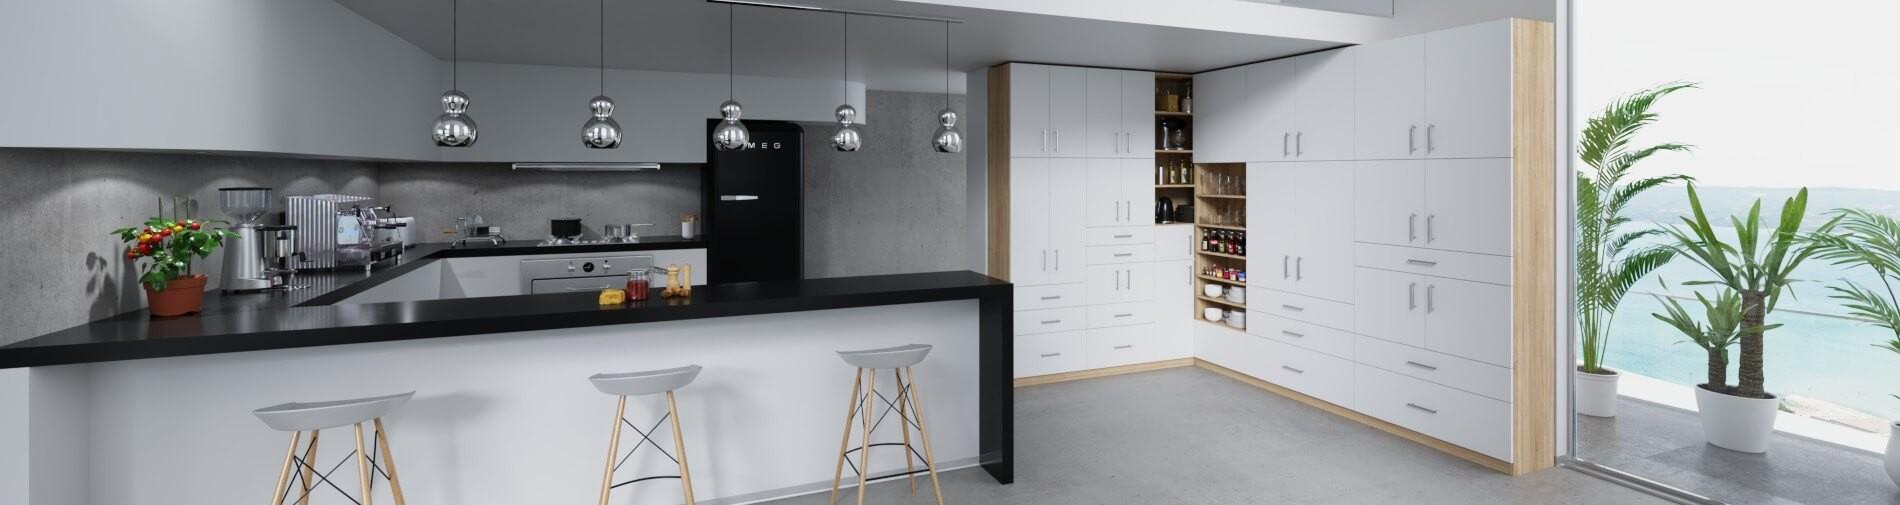 Küchenschrank nach Maß online planen | schrankplaner.de